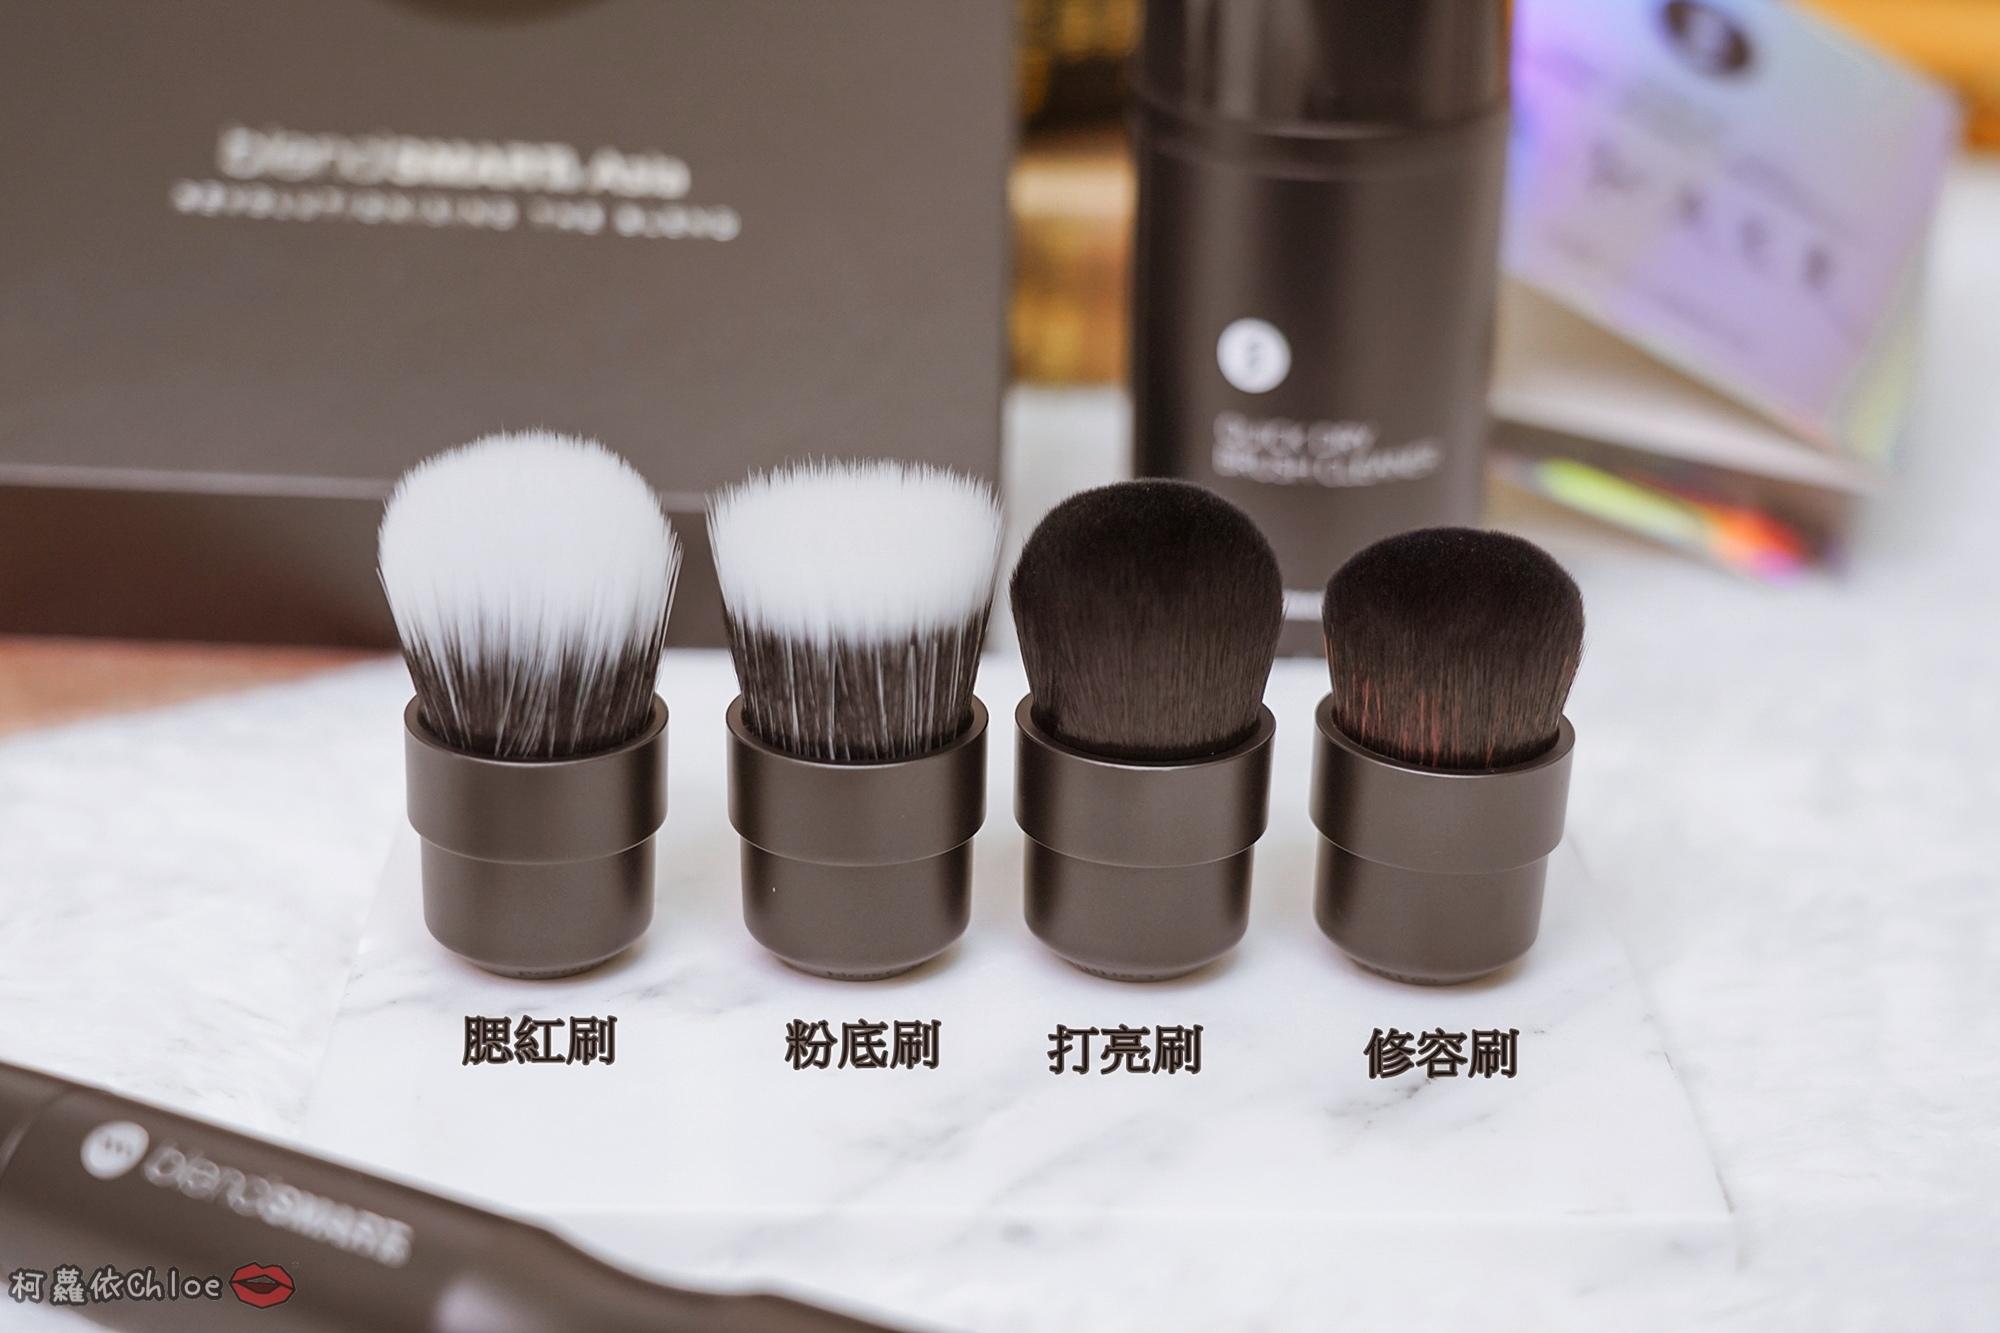 彩妝工具推薦 blendSMART電動化妝刷 達人套裝開箱 上妝輕柔更有效率6.jpg